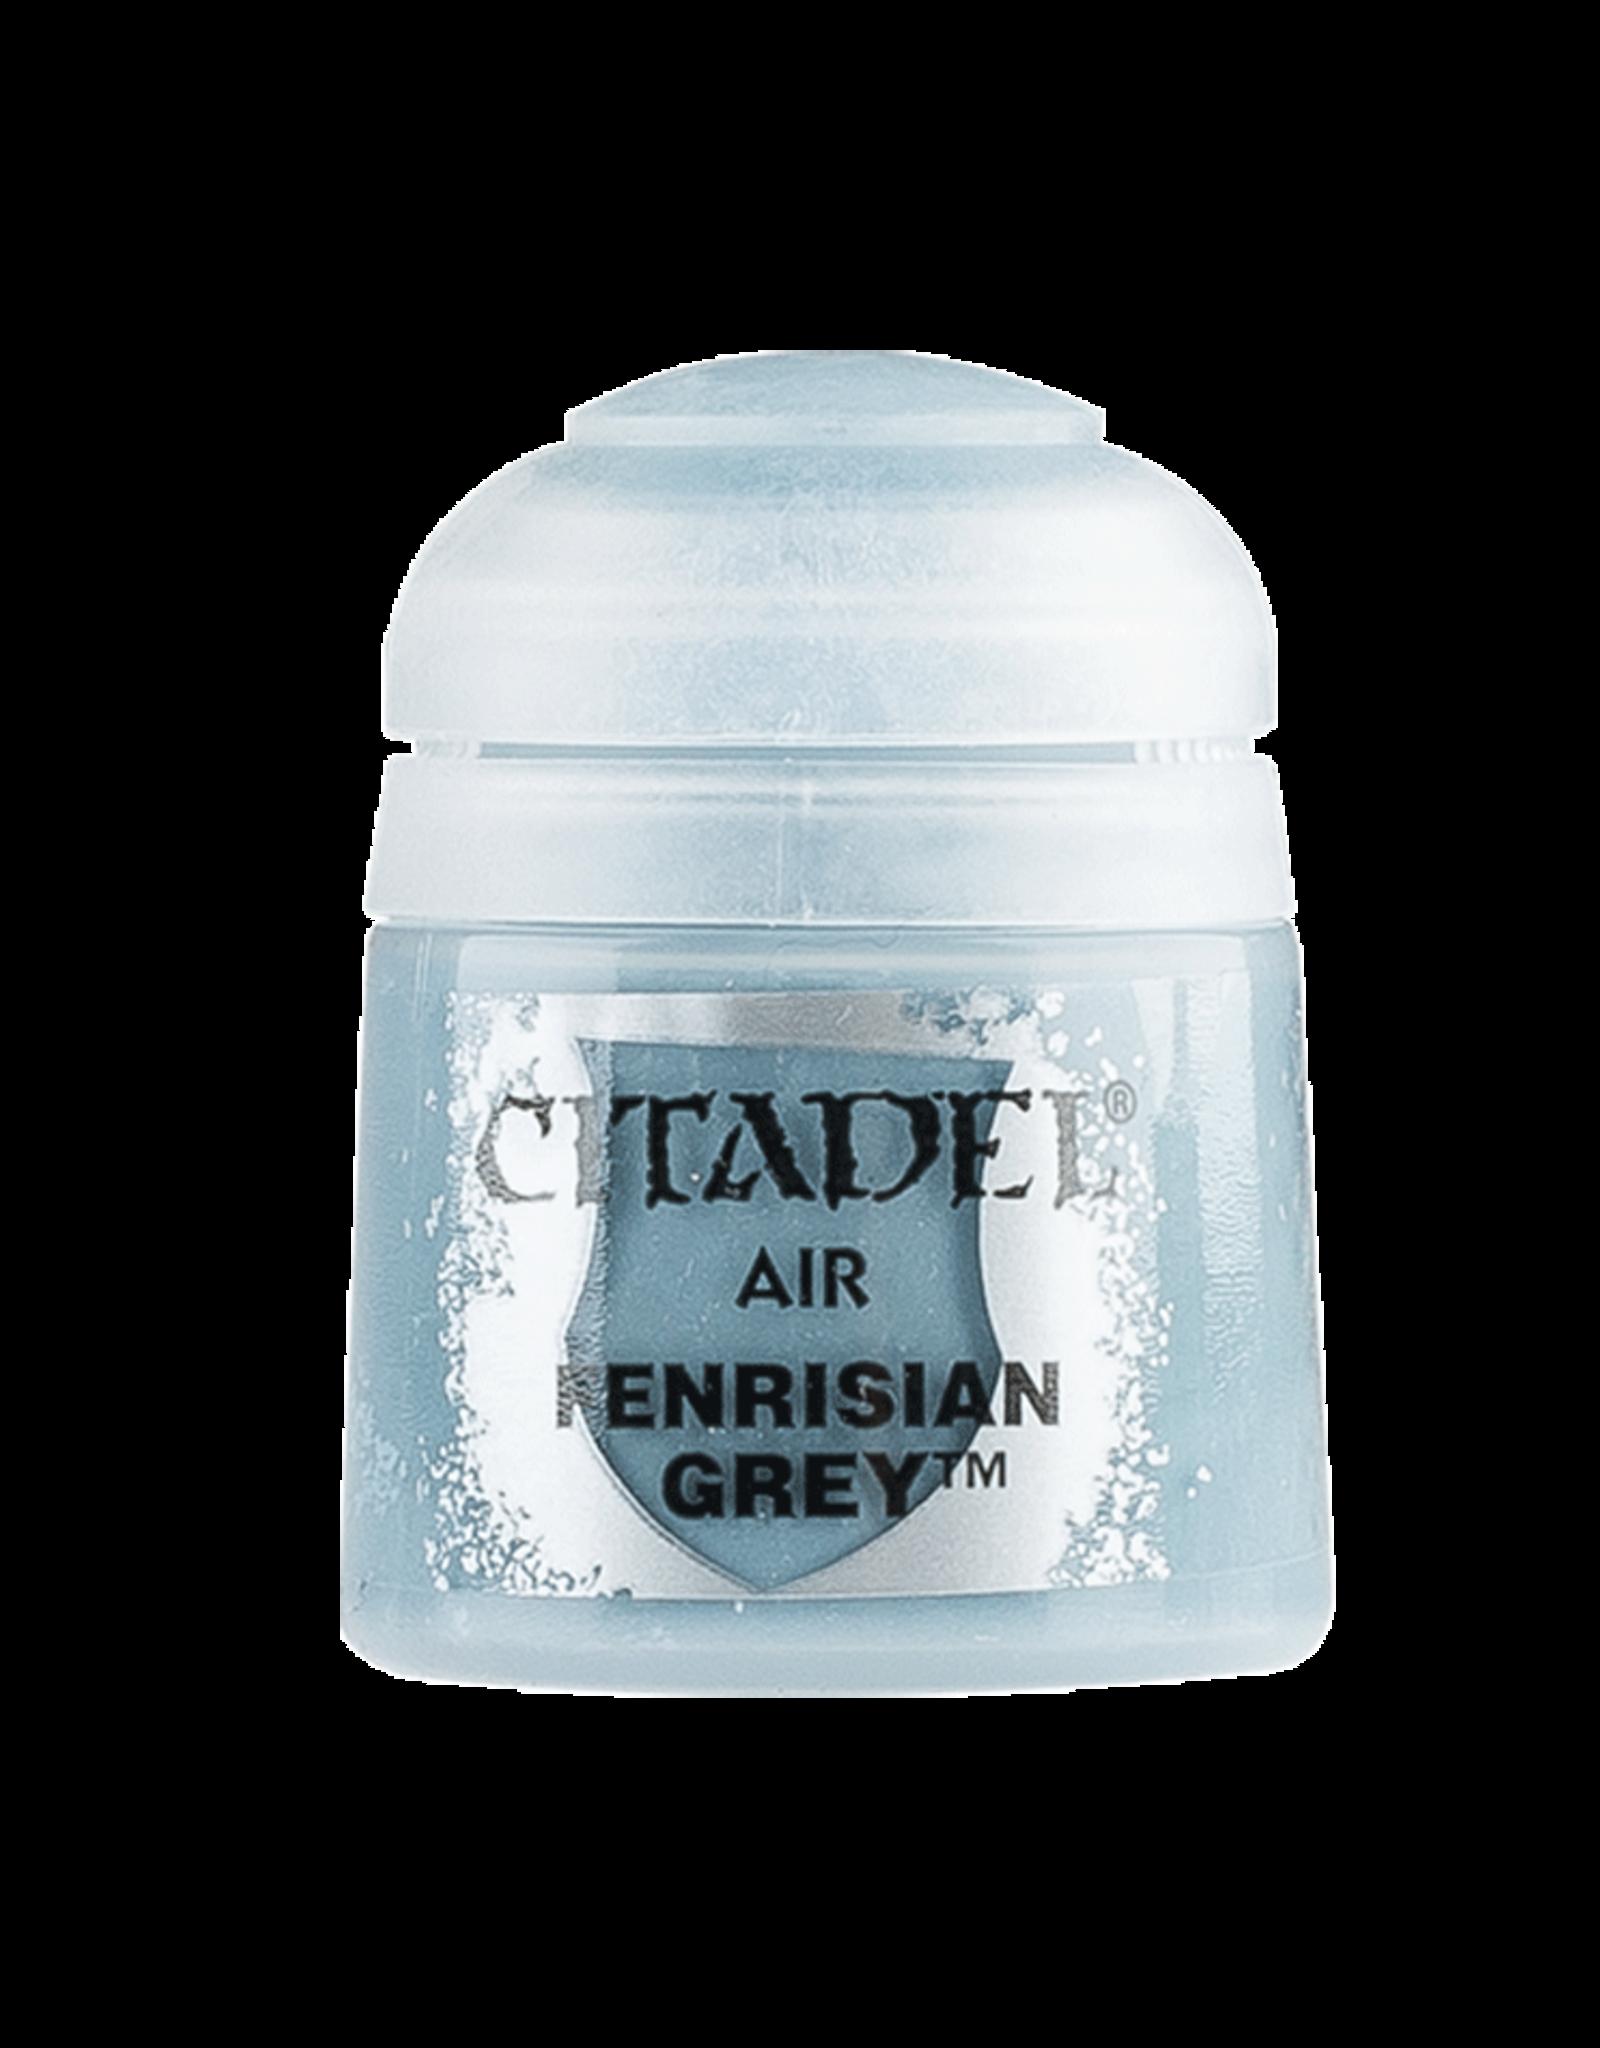 Games Workshop Citadel Air: Fenrisian Grey (24ml)